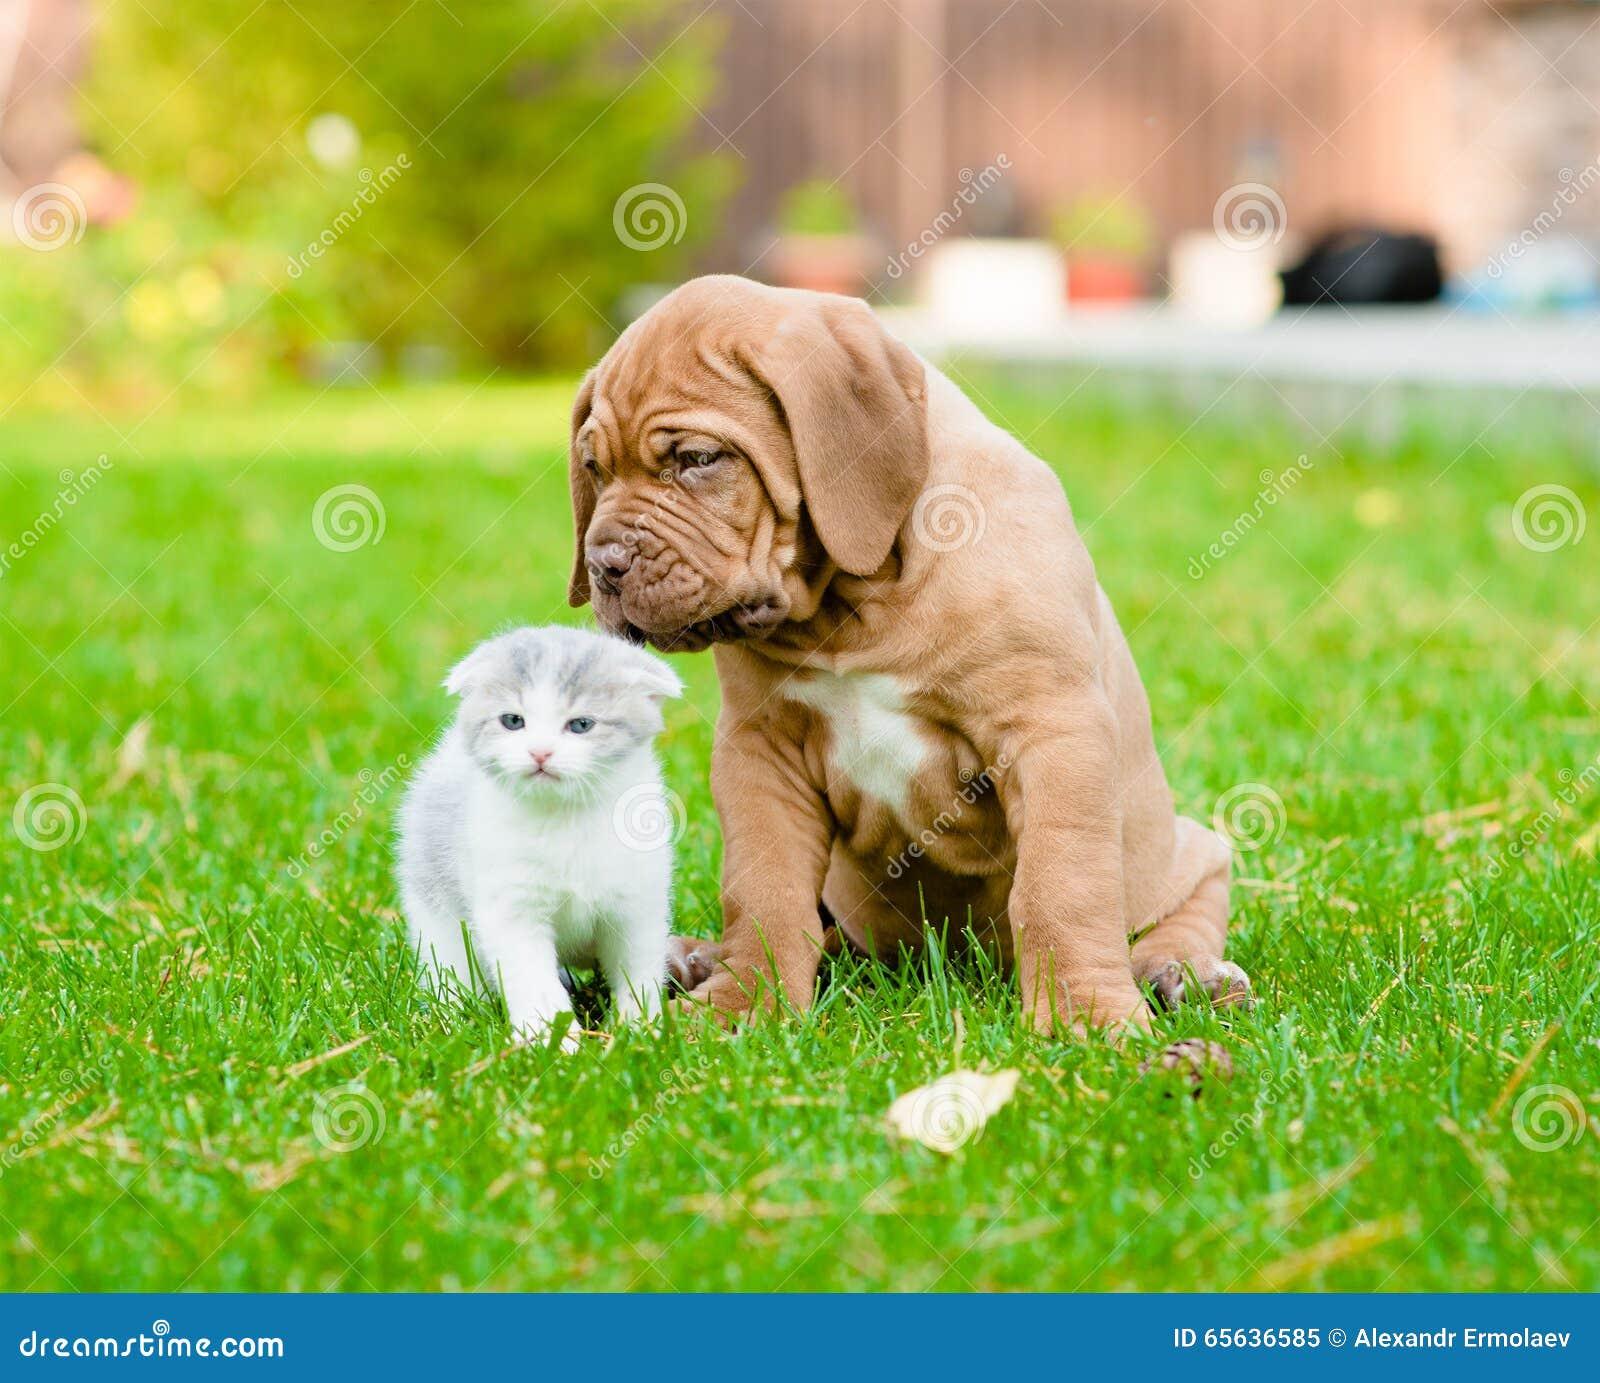 Chiot de Bordeaux reniflant le chaton nouveau-né sur l herbe verte